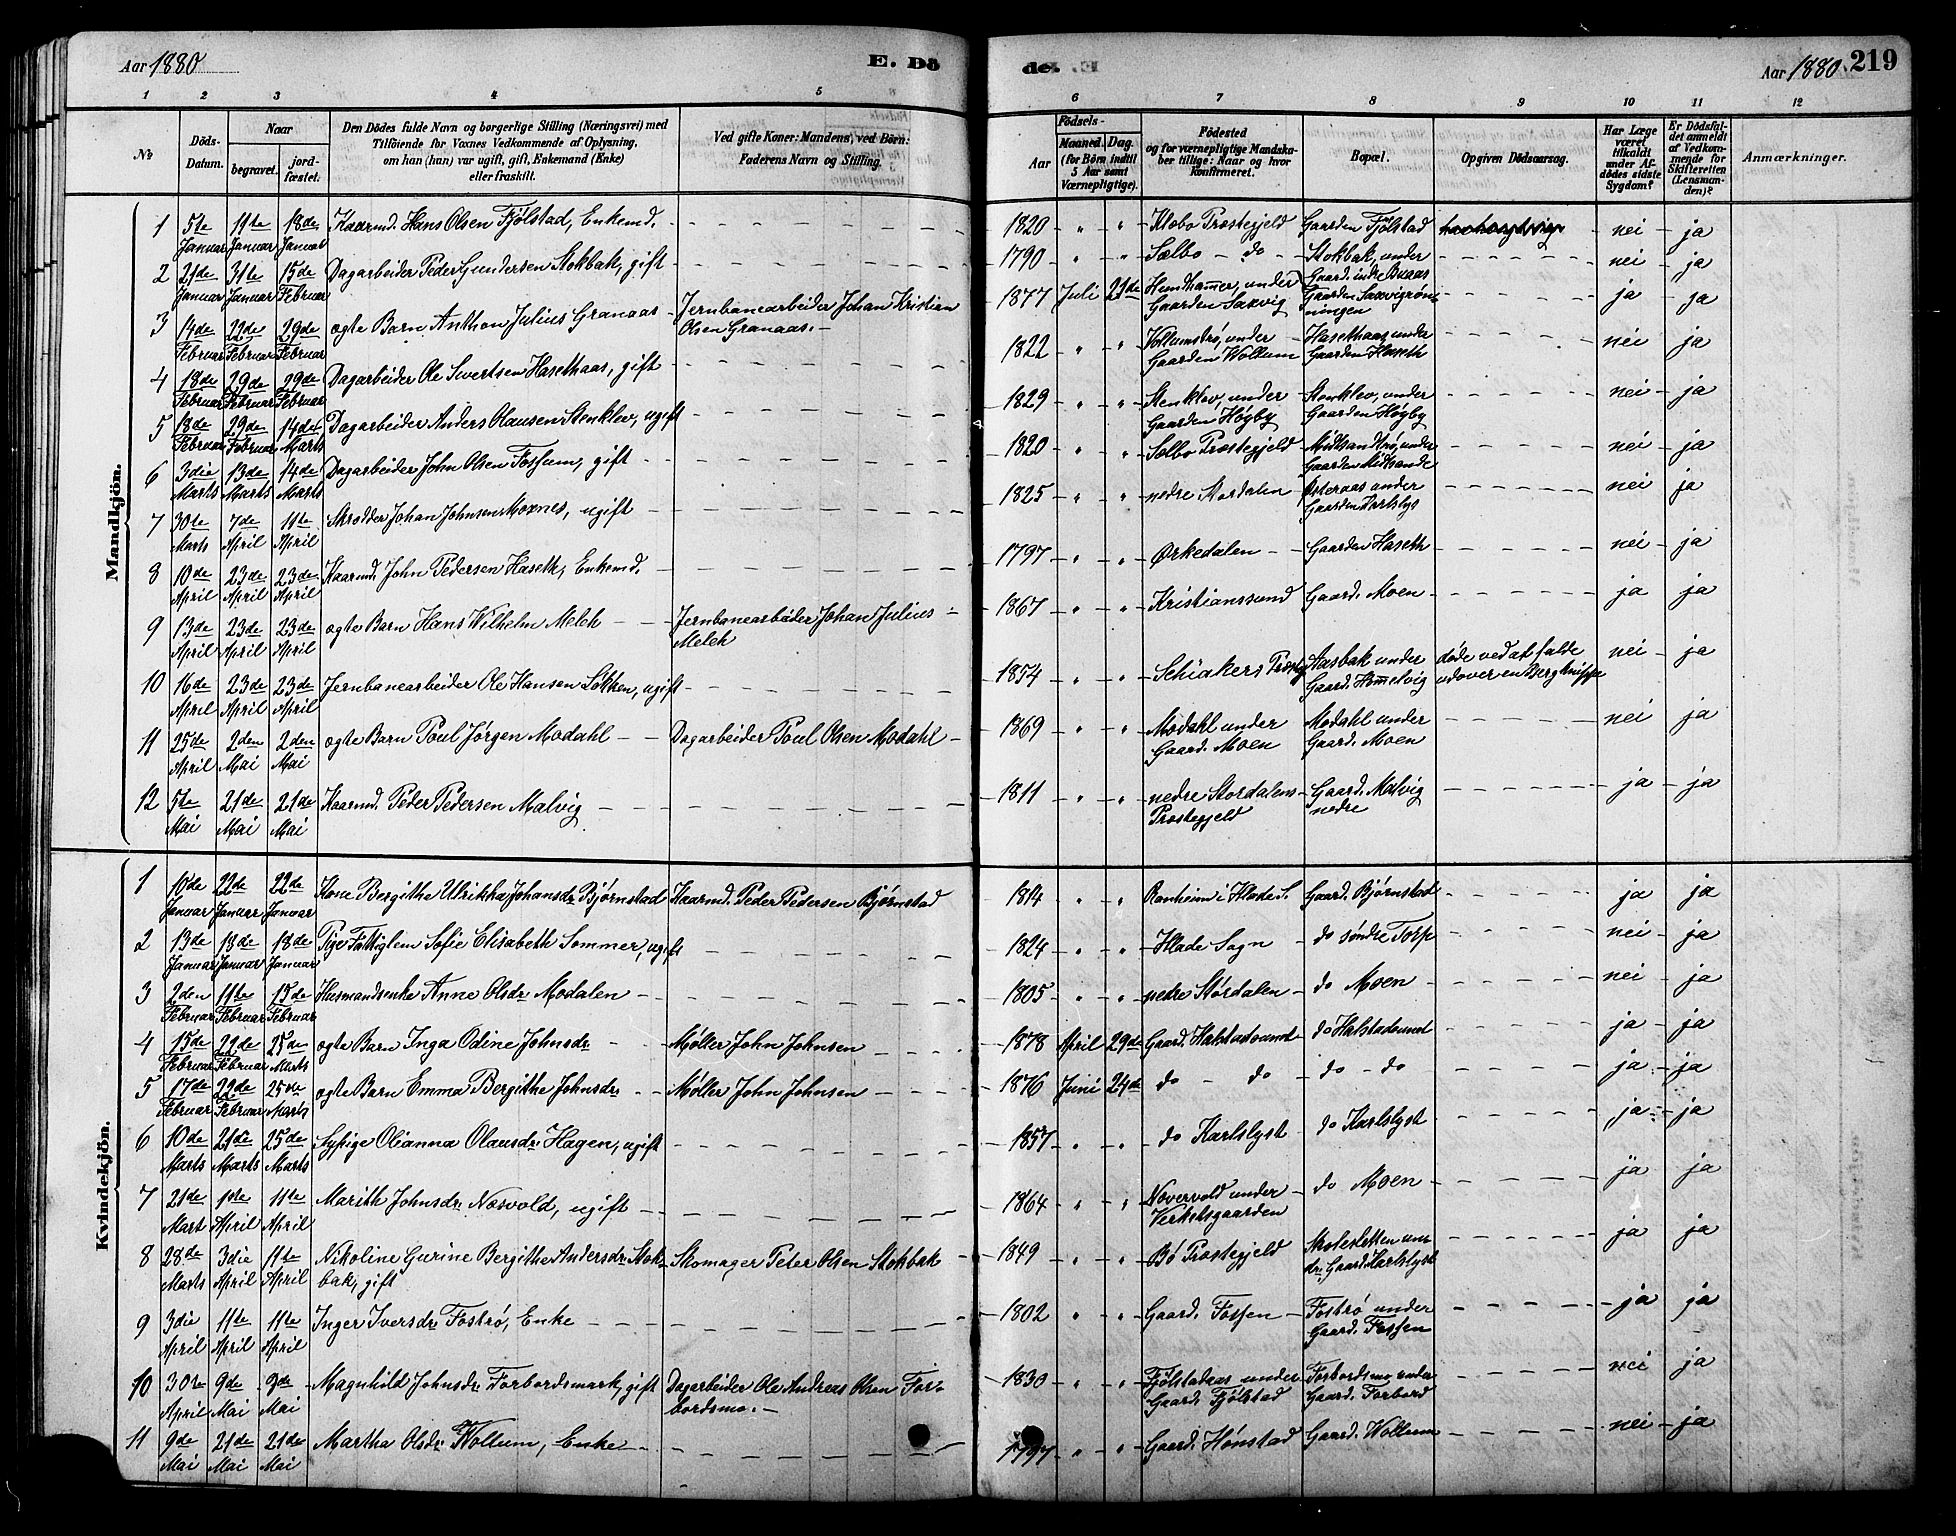 SAT, Ministerialprotokoller, klokkerbøker og fødselsregistre - Sør-Trøndelag, 616/L0423: Klokkerbok nr. 616C06, 1878-1903, s. 219